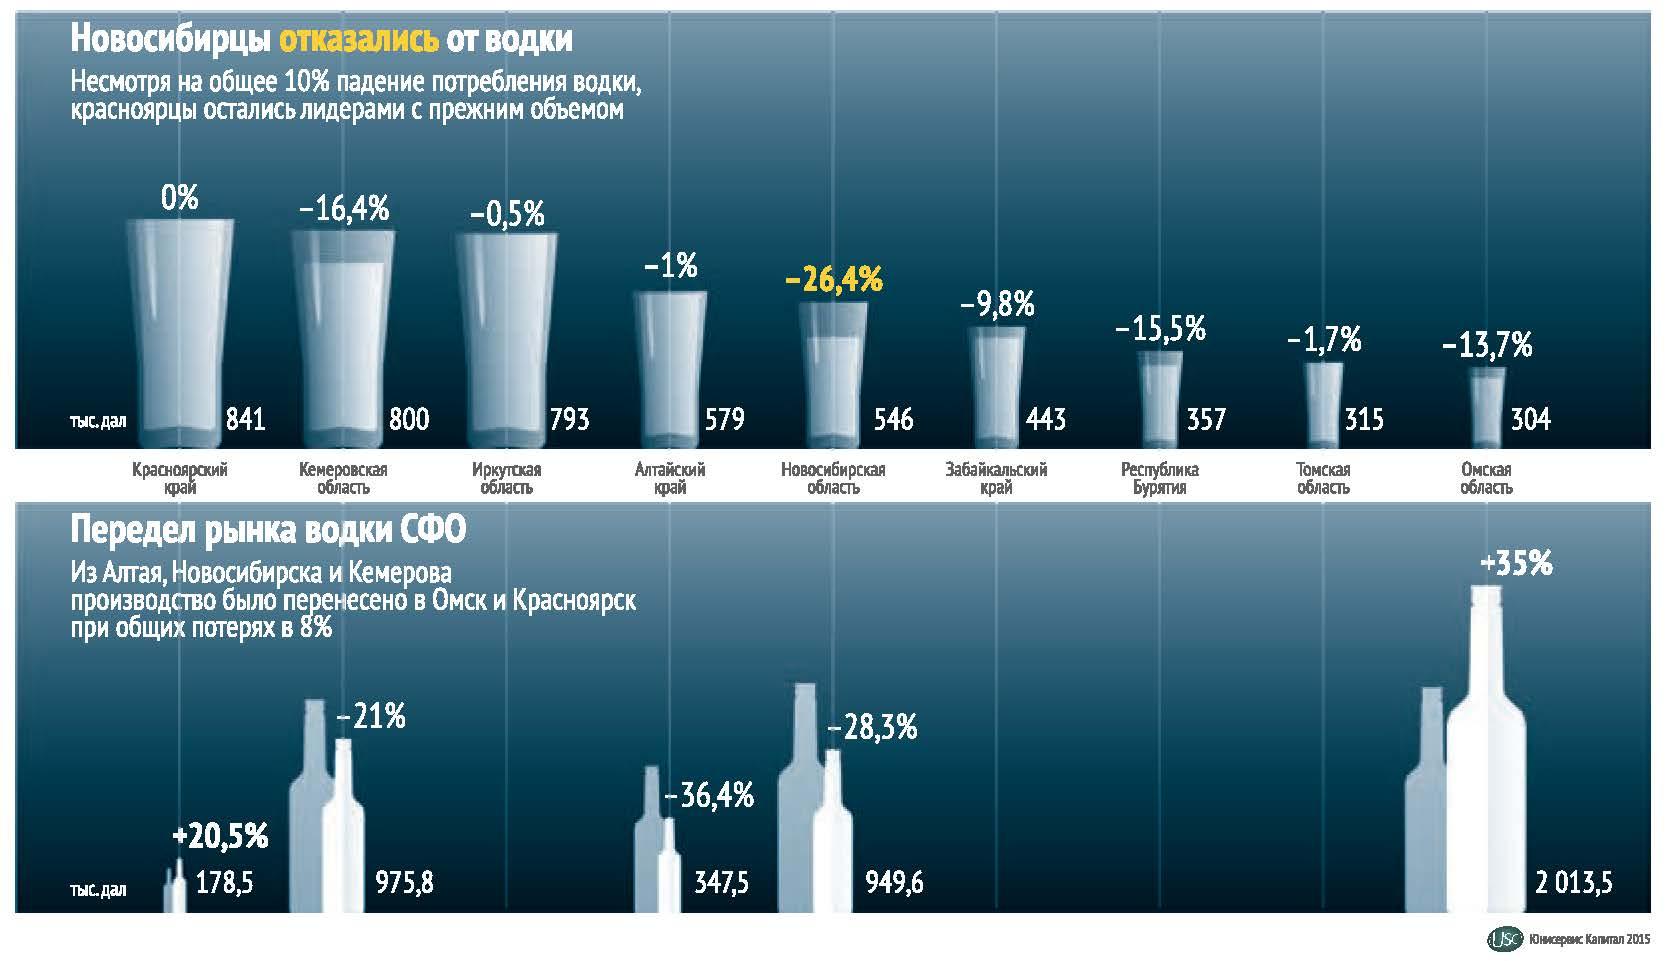 Уровень алкоголизма в сфо в 2014 году центр довженко дар лечение алкоголизма официальный сайт в